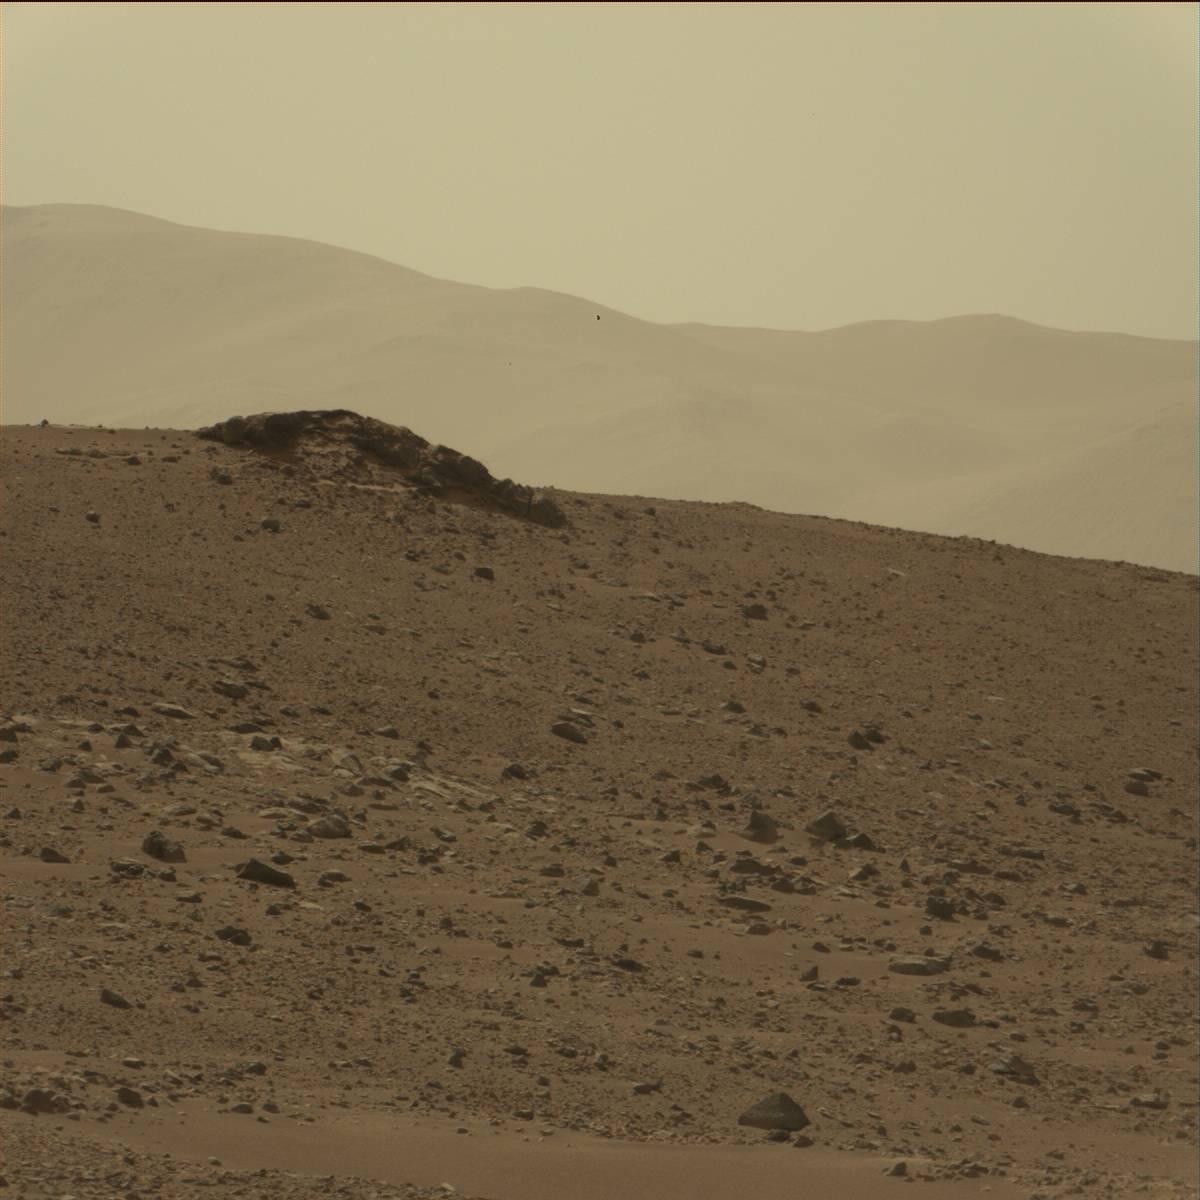 rover 75 mars - photo #31